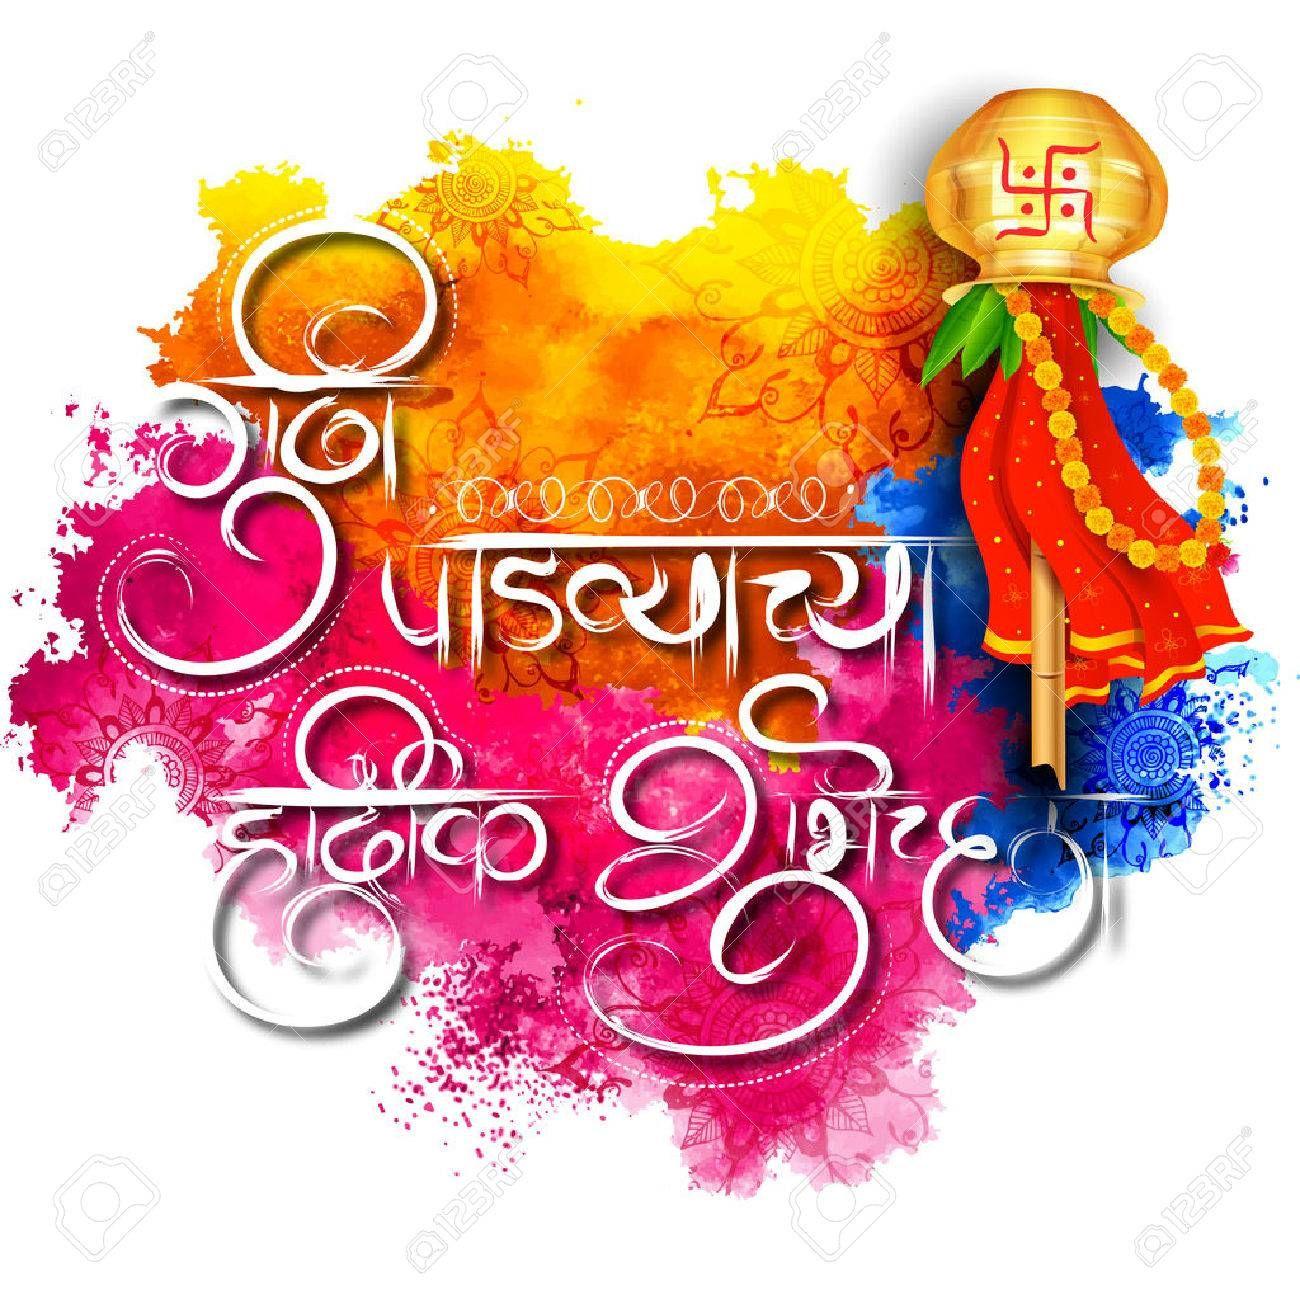 Stock Vector in 2020 New year celebration, Gudi padwa